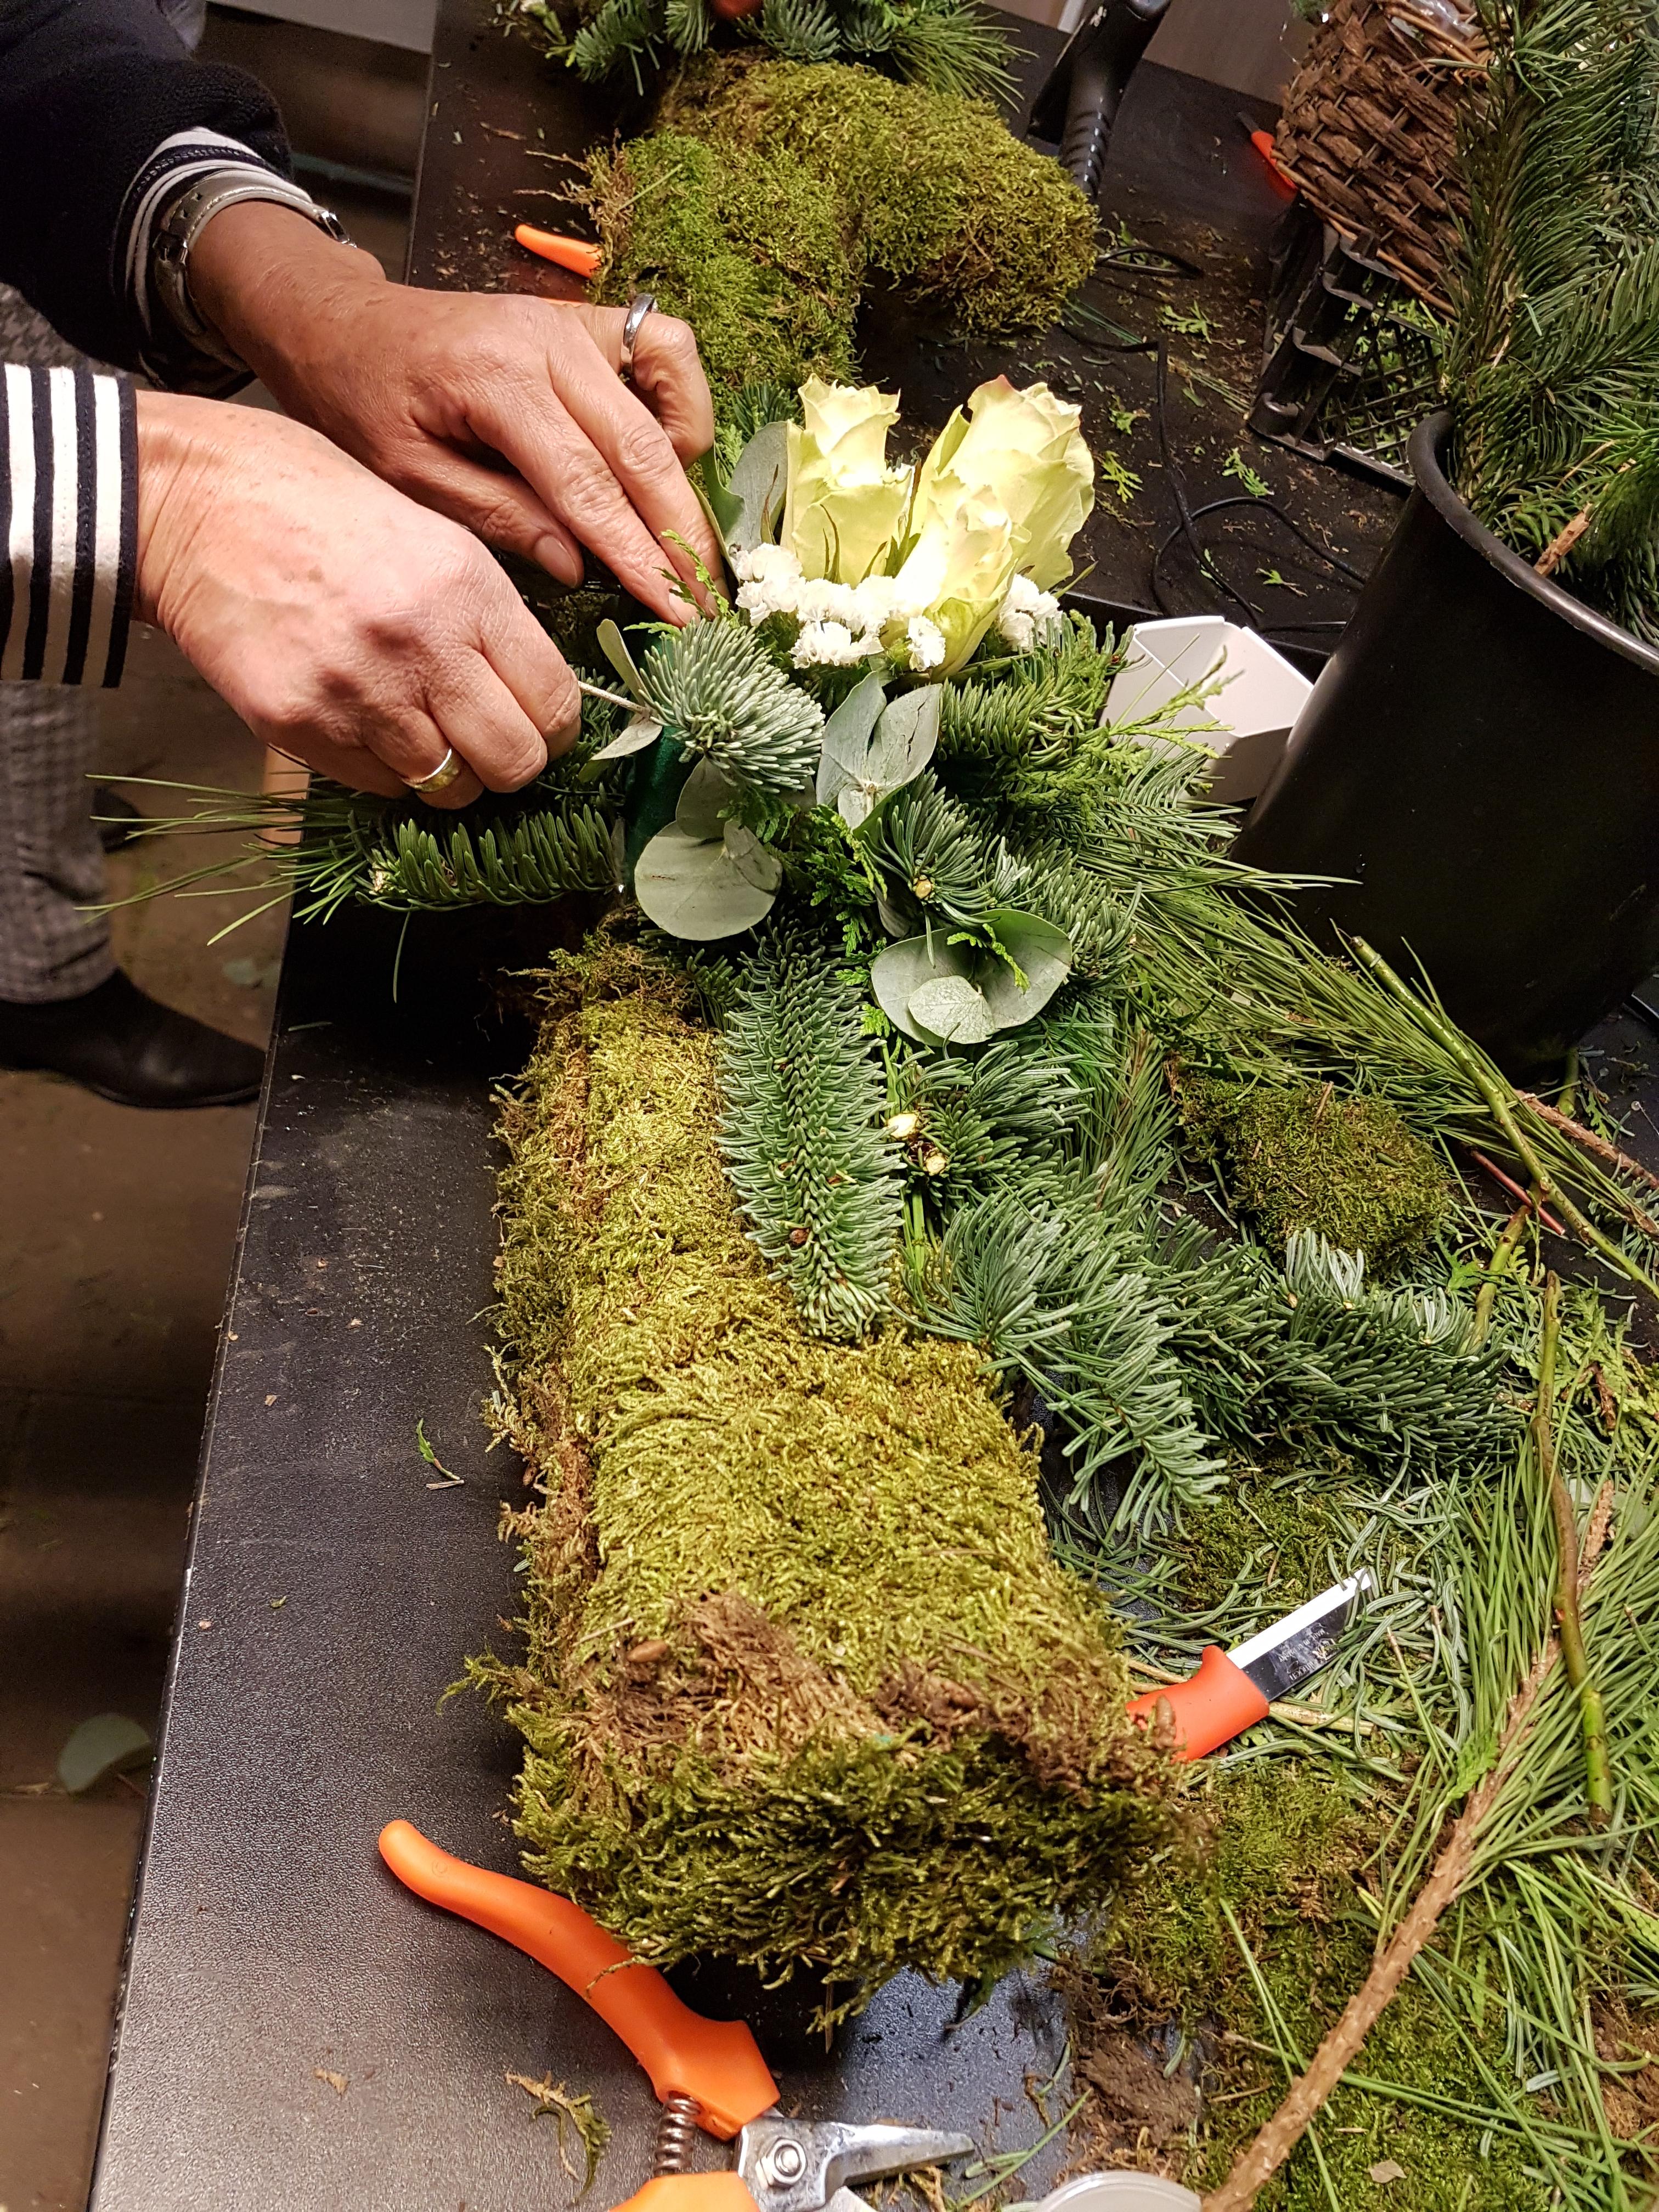 Bekend Workshops | Mimosa Almelo | Workshops bloemschikken & creatief @NS49